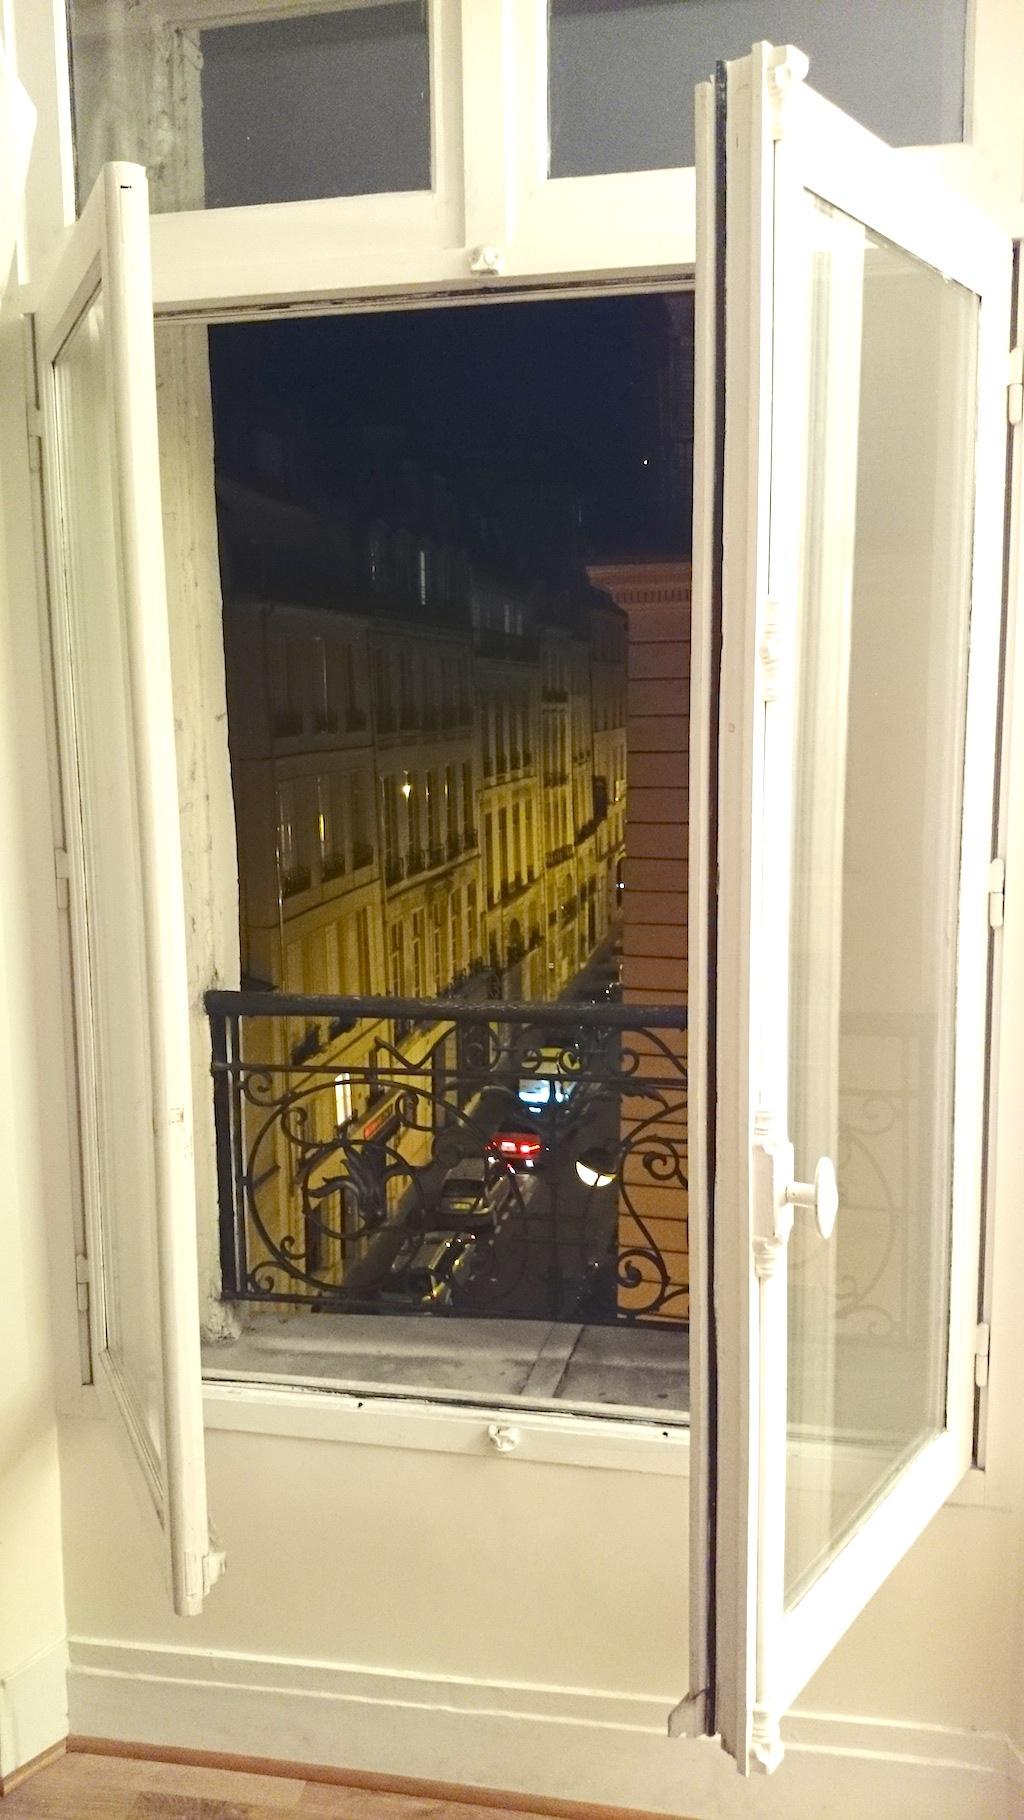 Paryż! To widok z okna naszego wynajmowanego mieszkania, cudownie!